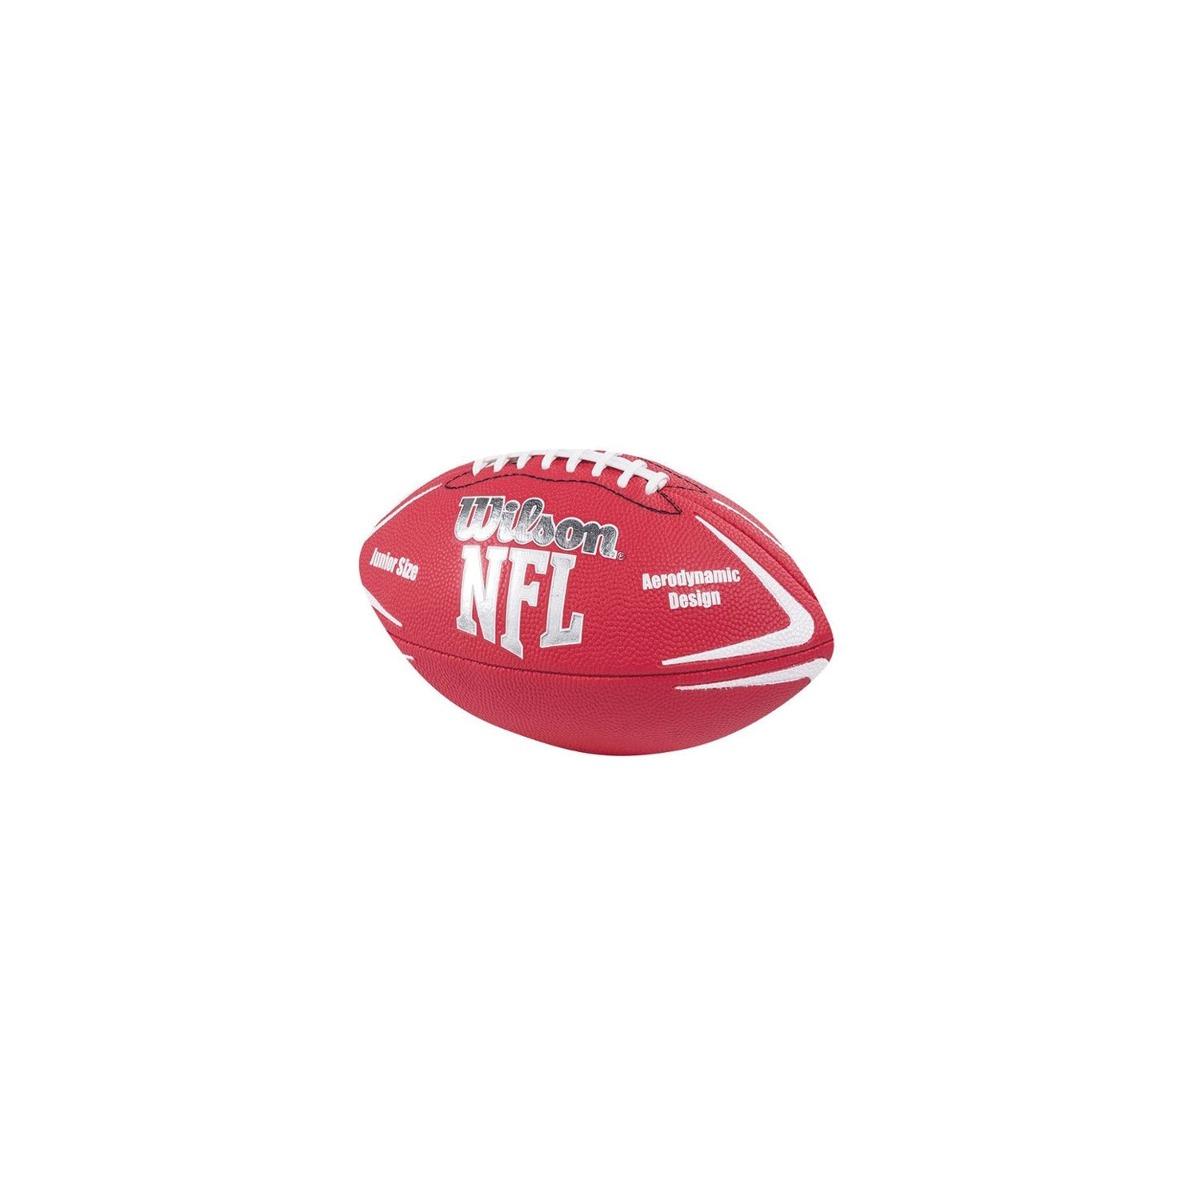 Bola De Futebol Americano Nfl Avenger Junior Vermelha Wilson - R  97 ... 9f38815fcee48